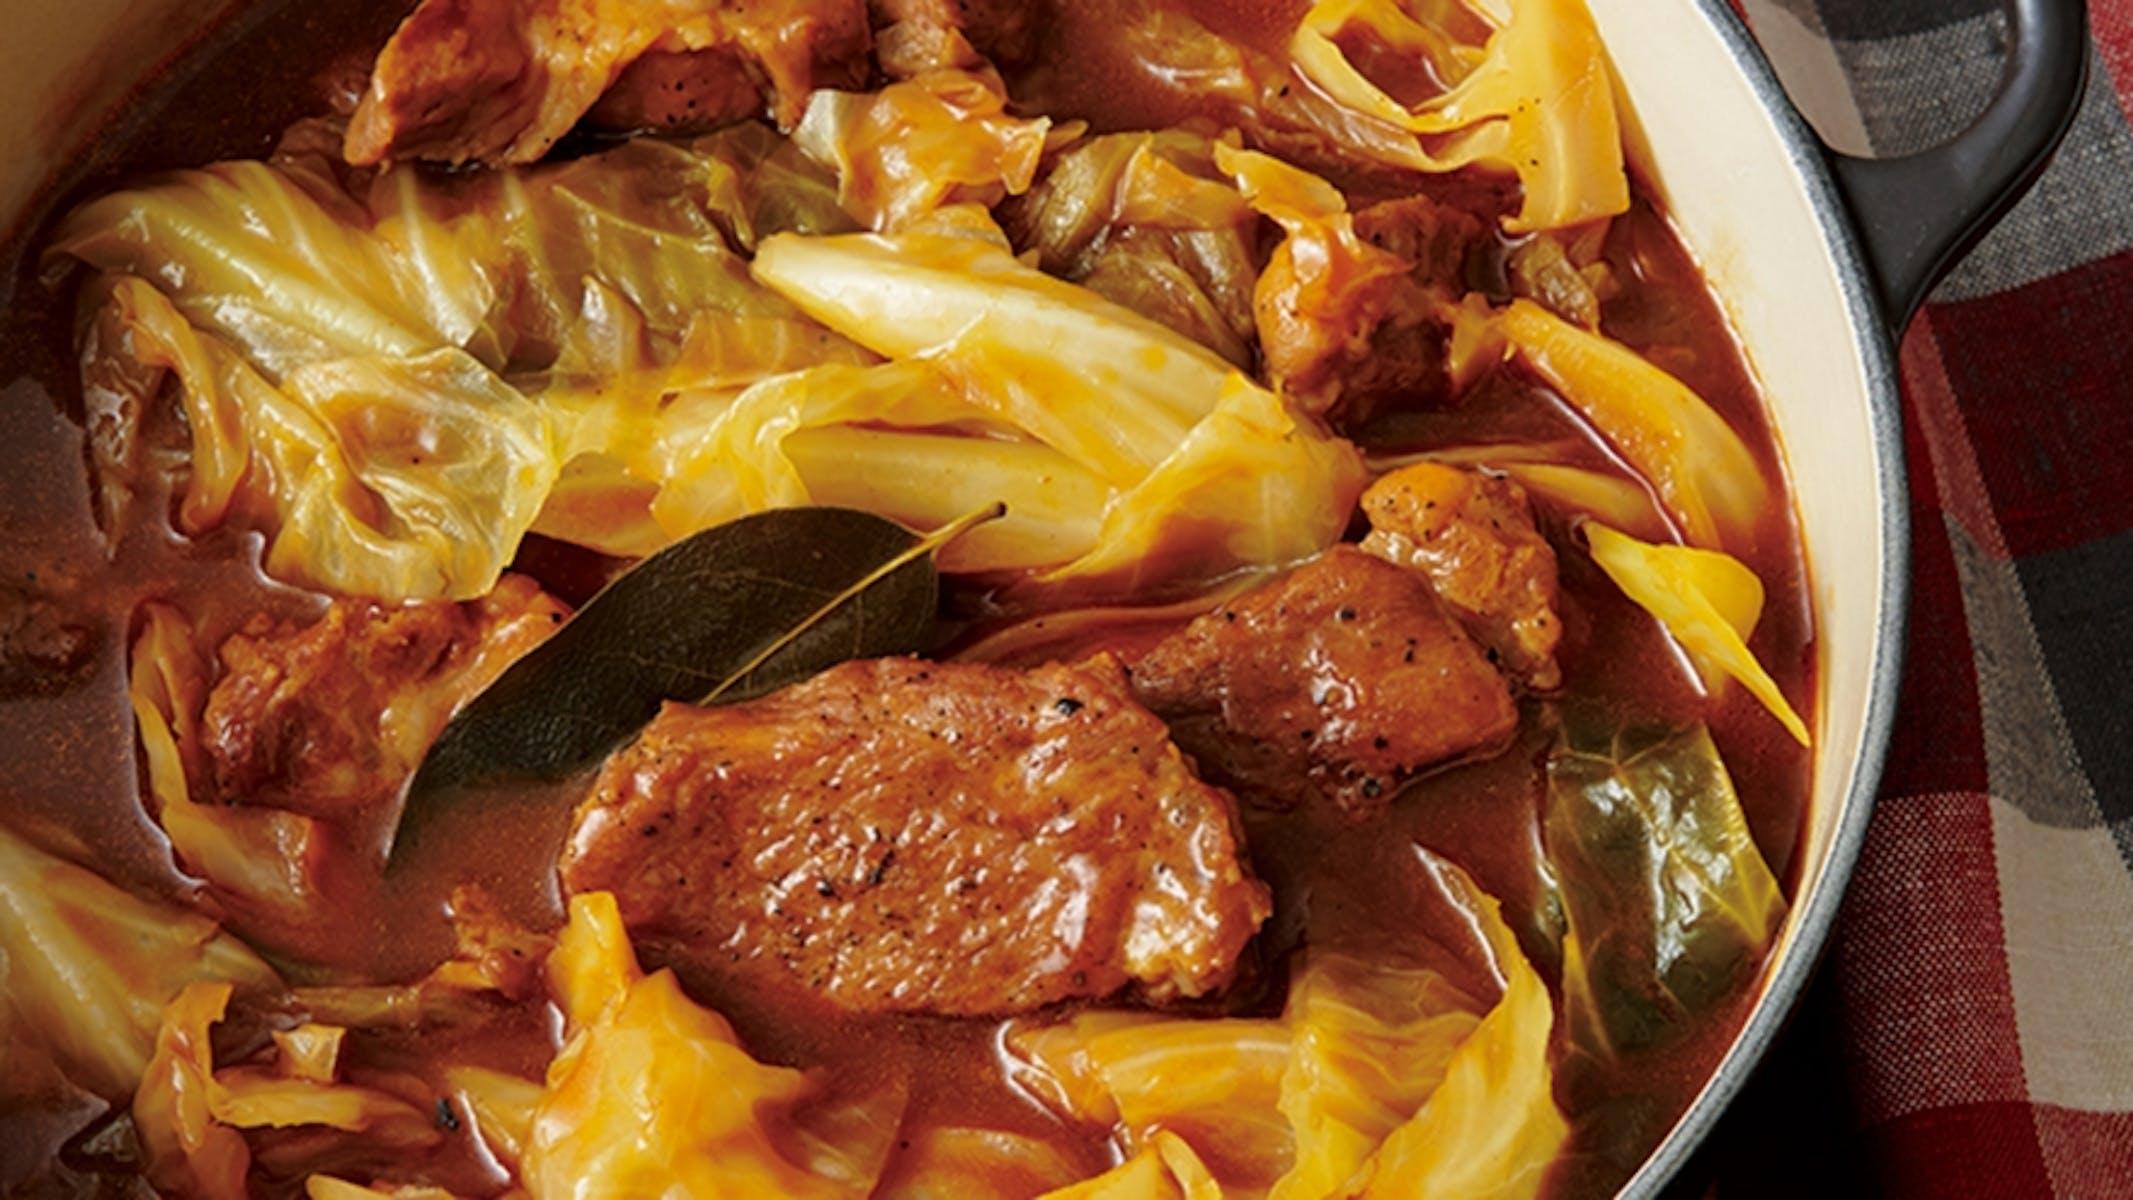 豚肉のドミグラス煮込み